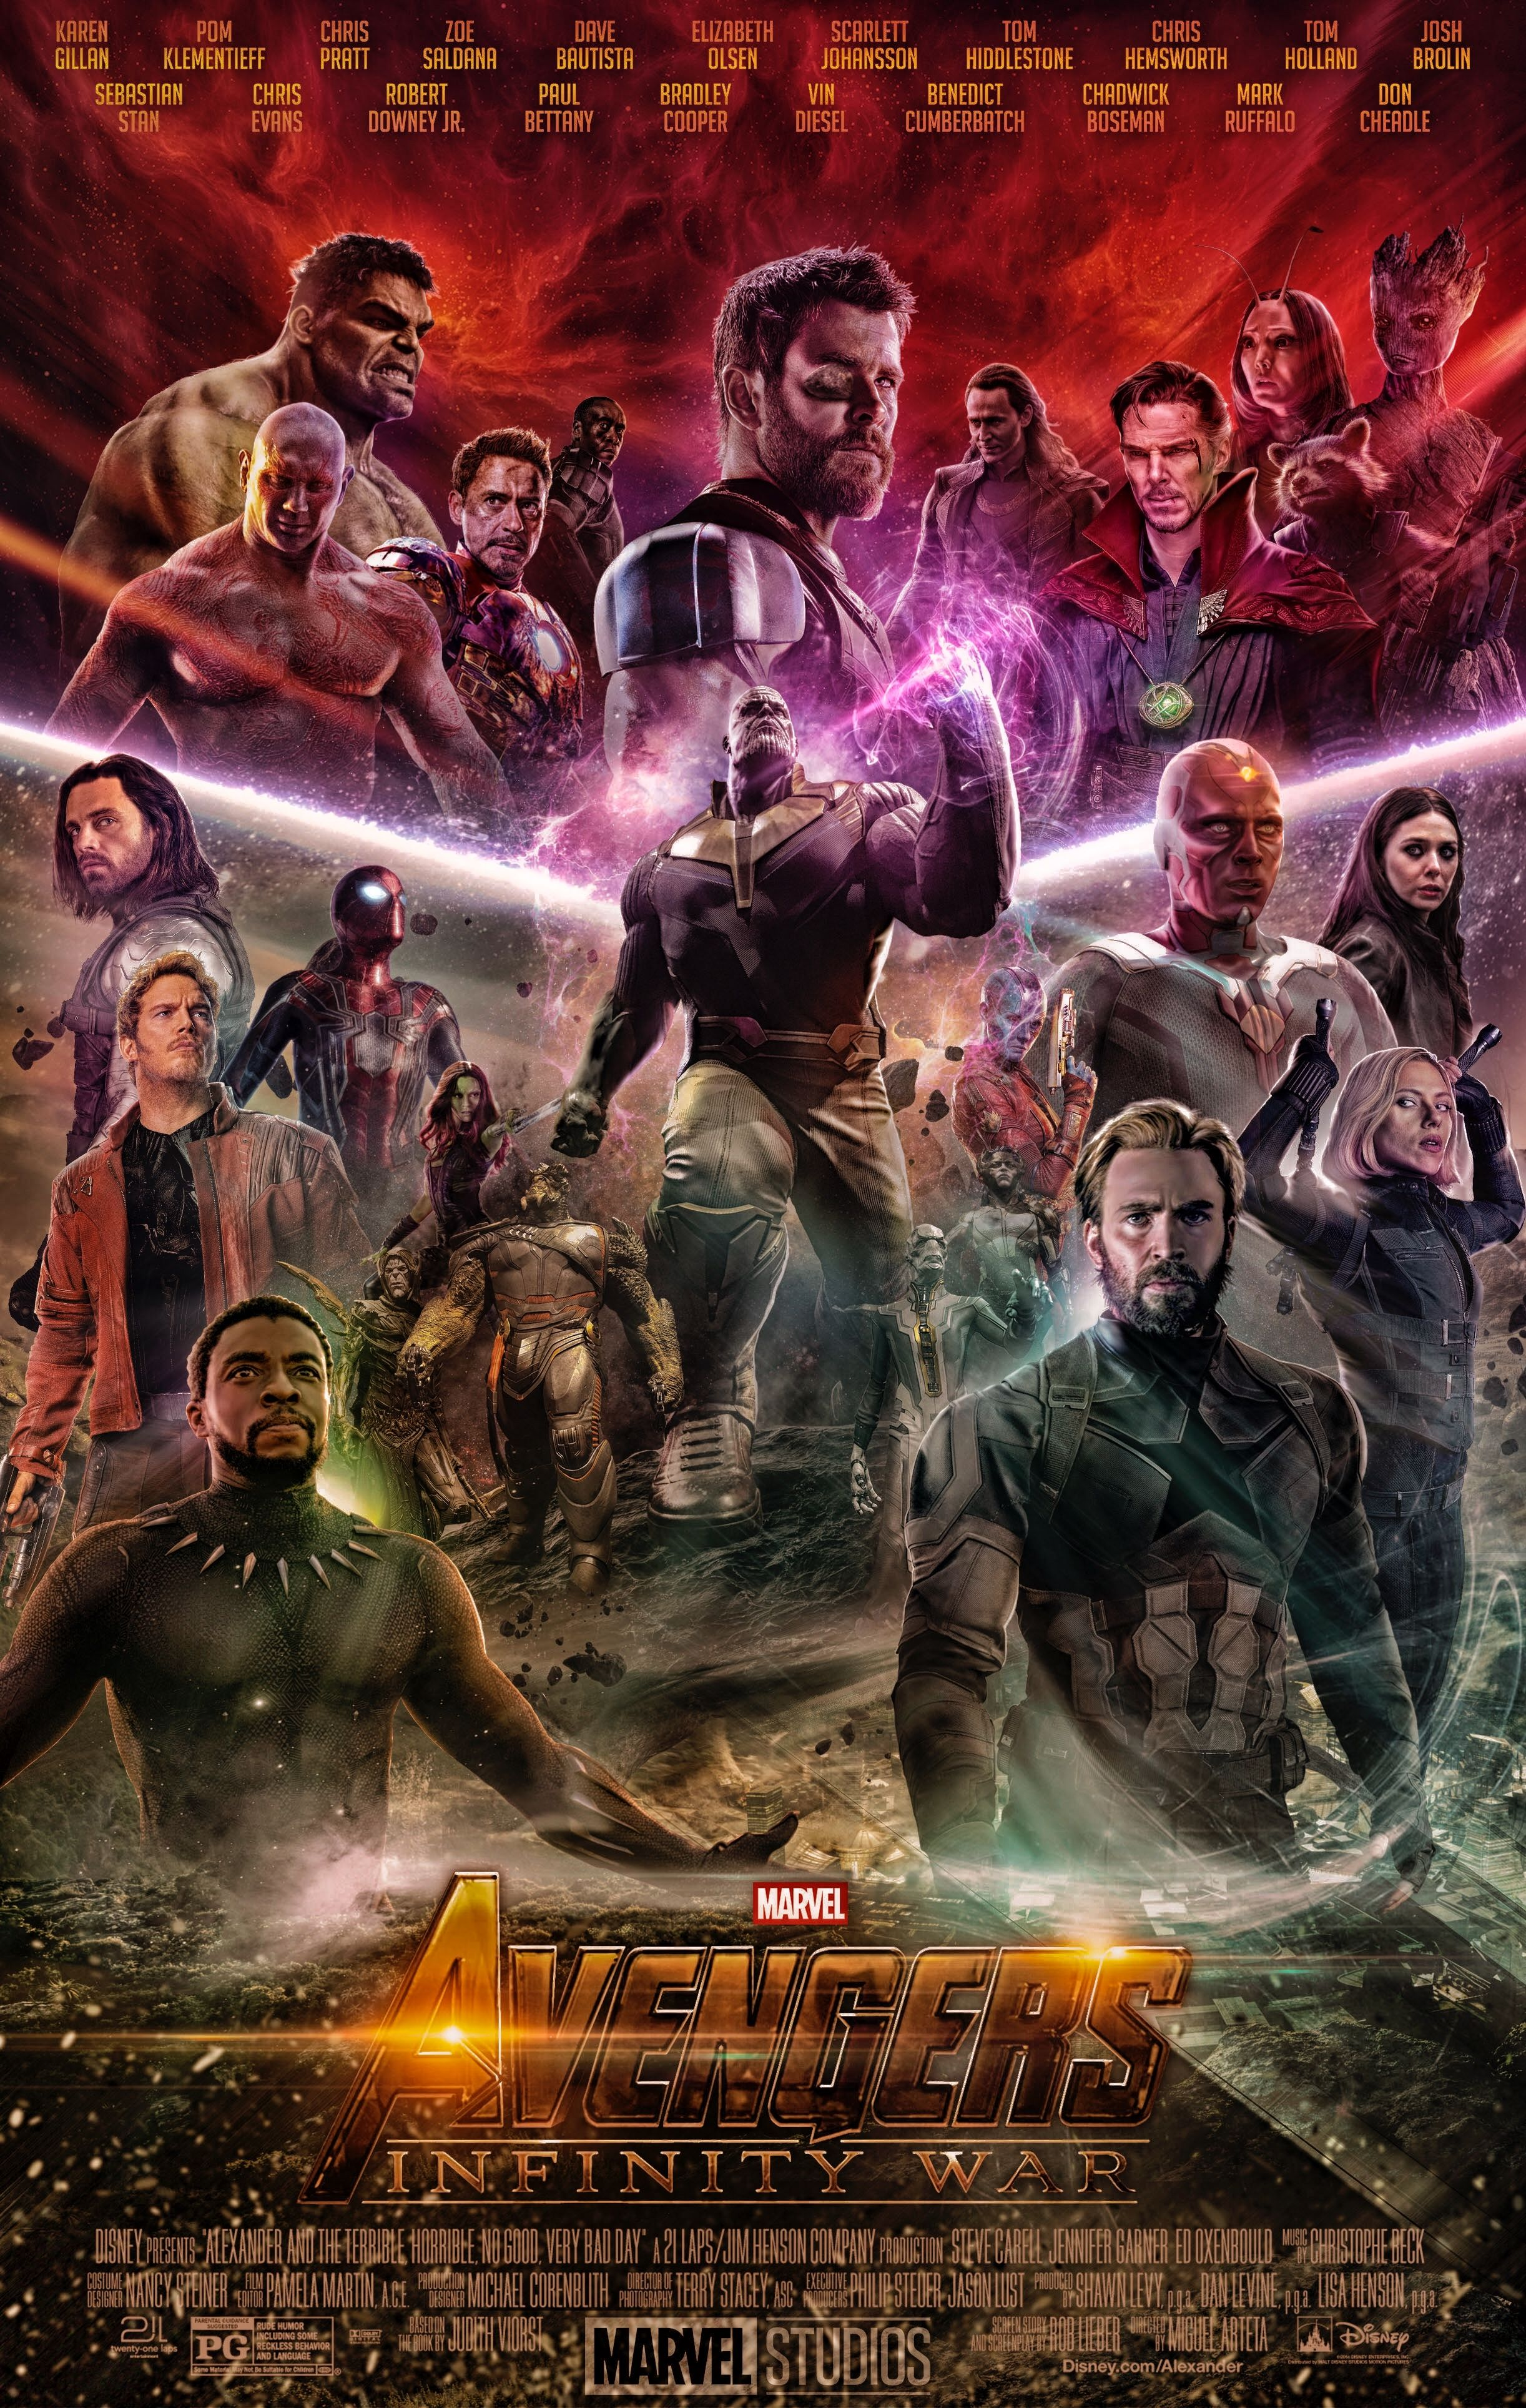 Avengers Infinity War Poster 2018 Disney Marvel Marvel Marvel Infinity War